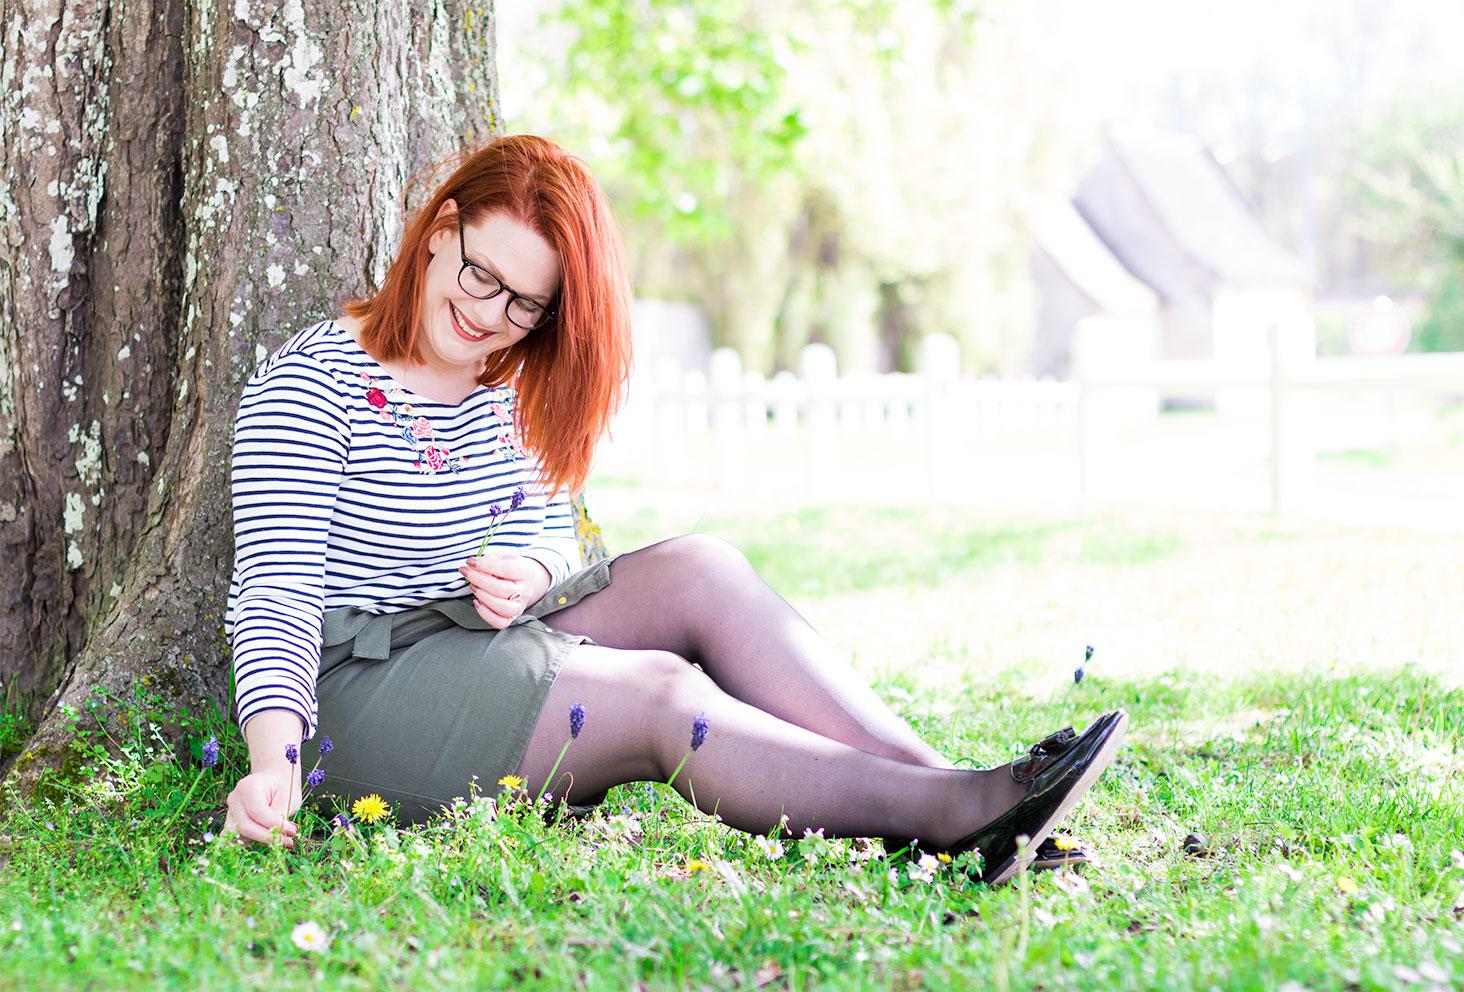 Assise dans l'herbe contre un arbre en marinière et jupe kaki pour le look de la FAQ